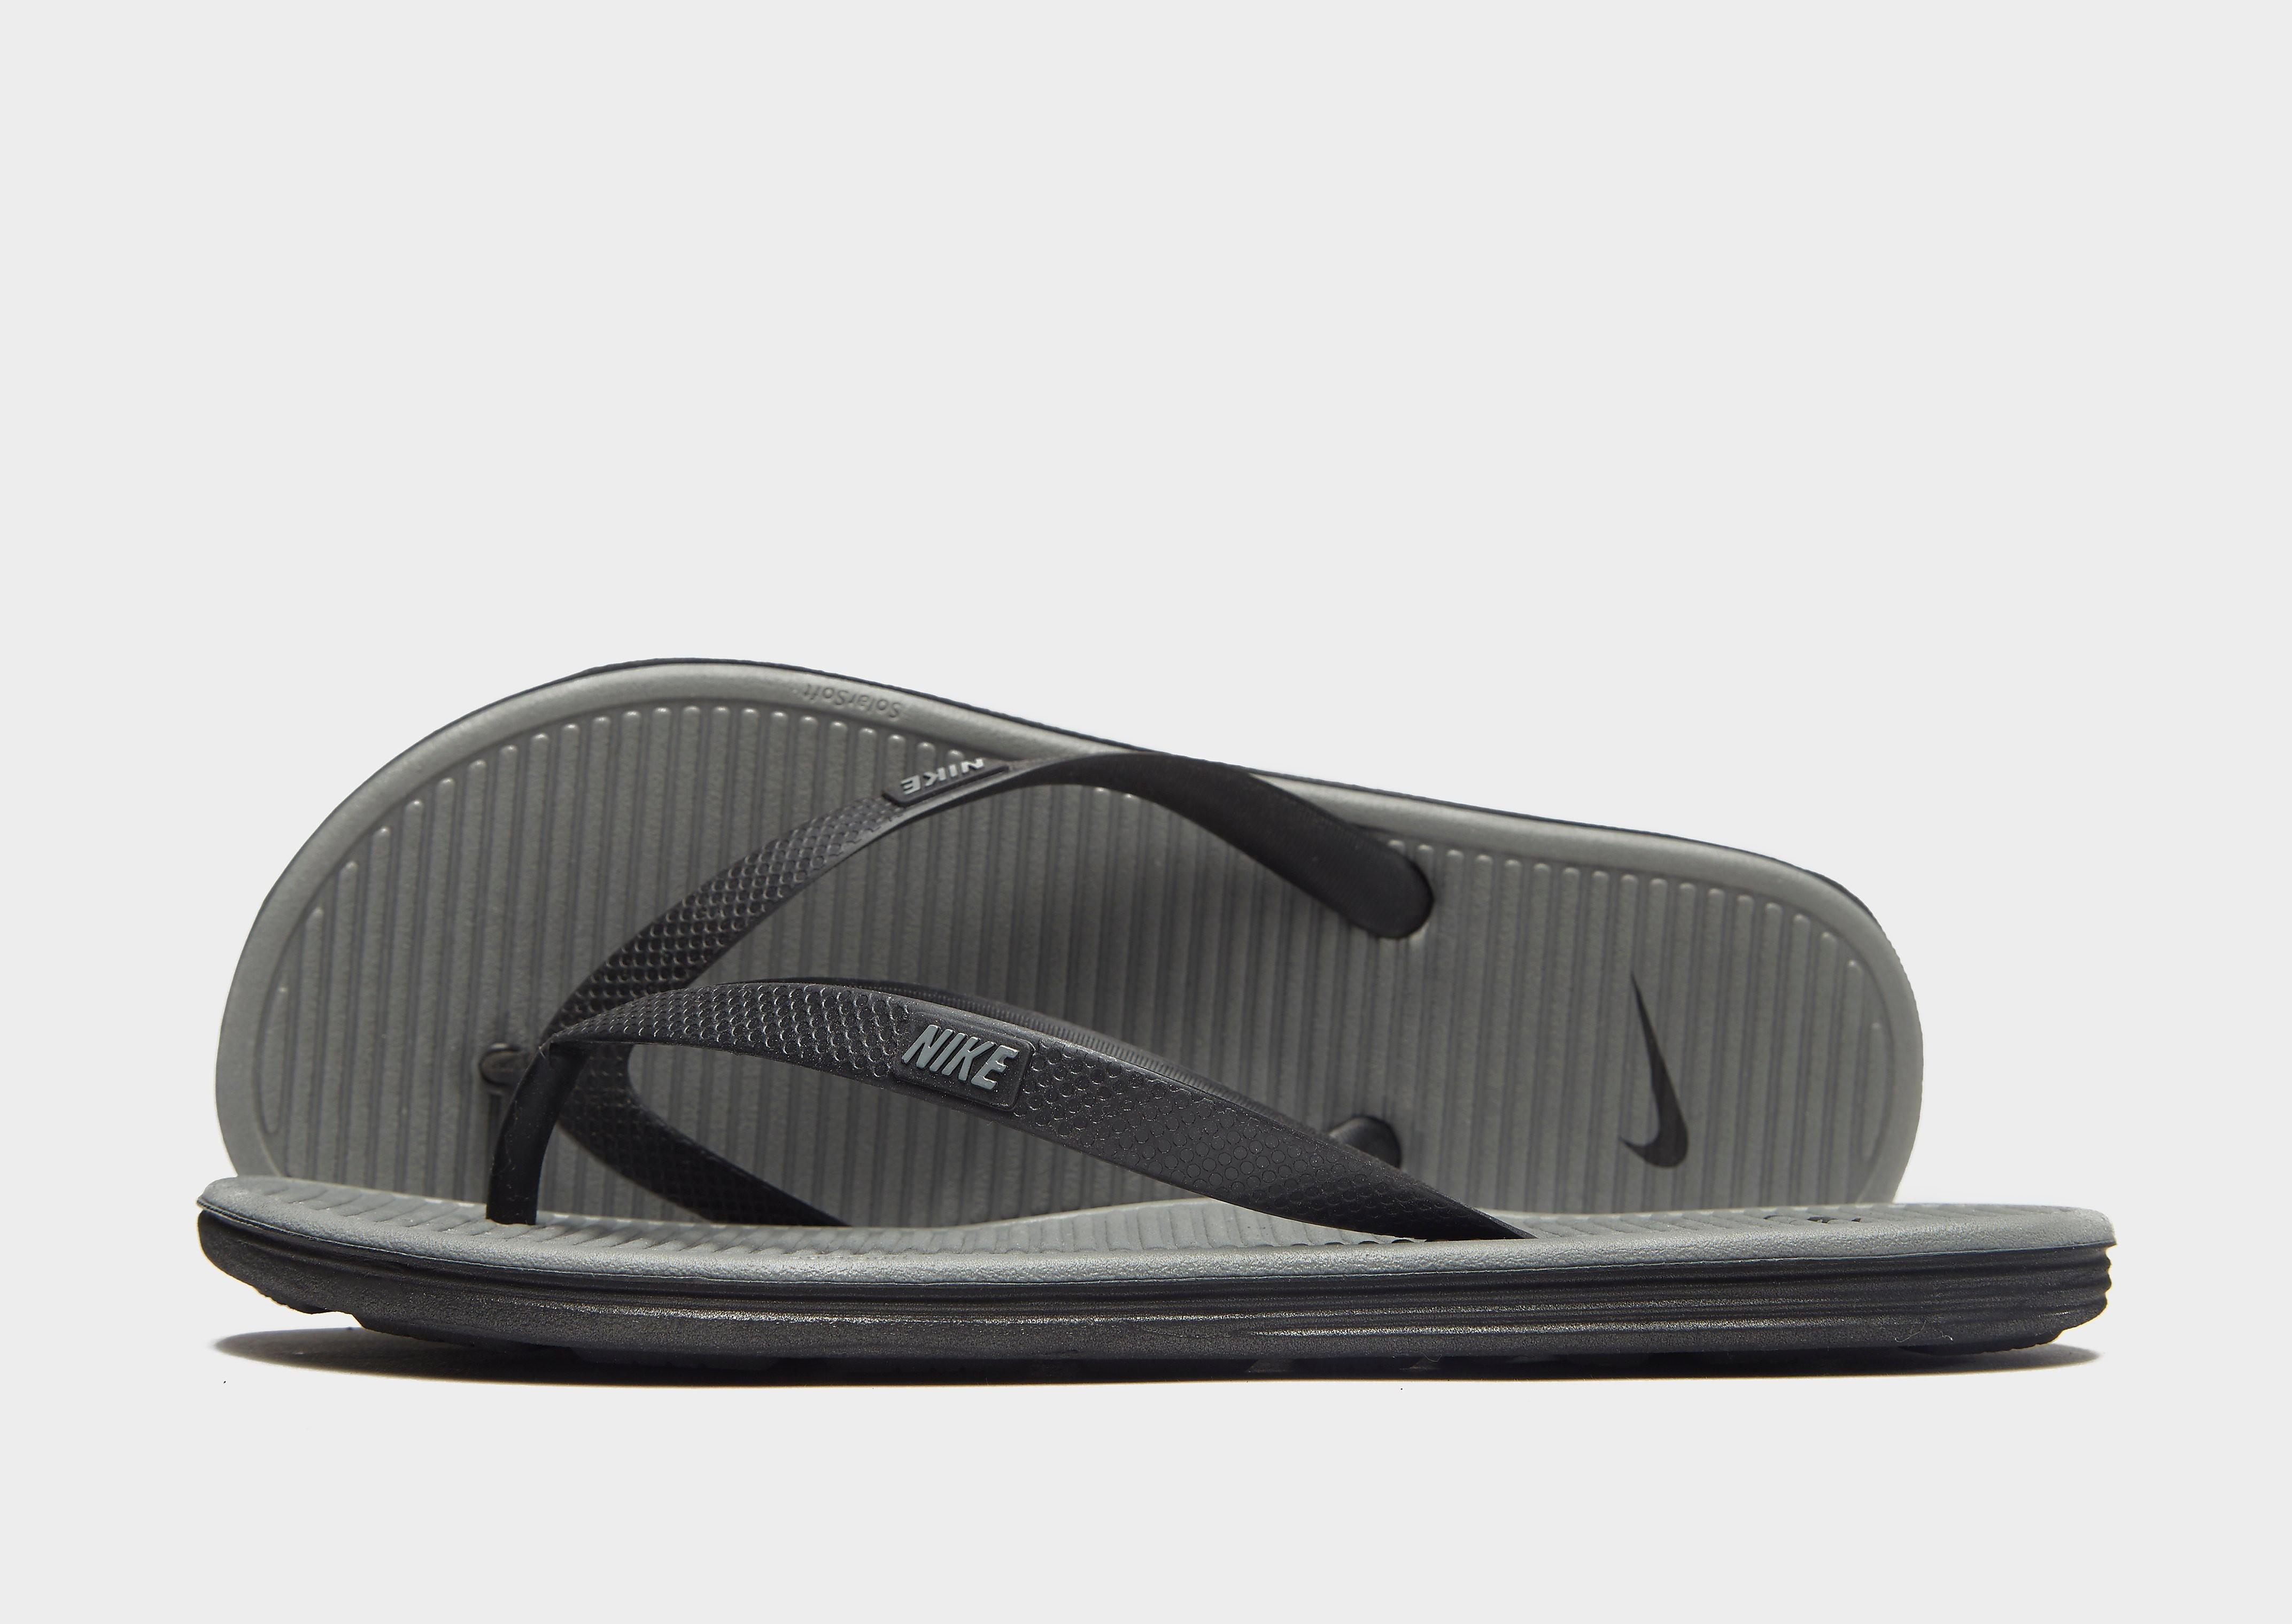 Nike Solarsoft II-teenslippers - Grijs - Heren